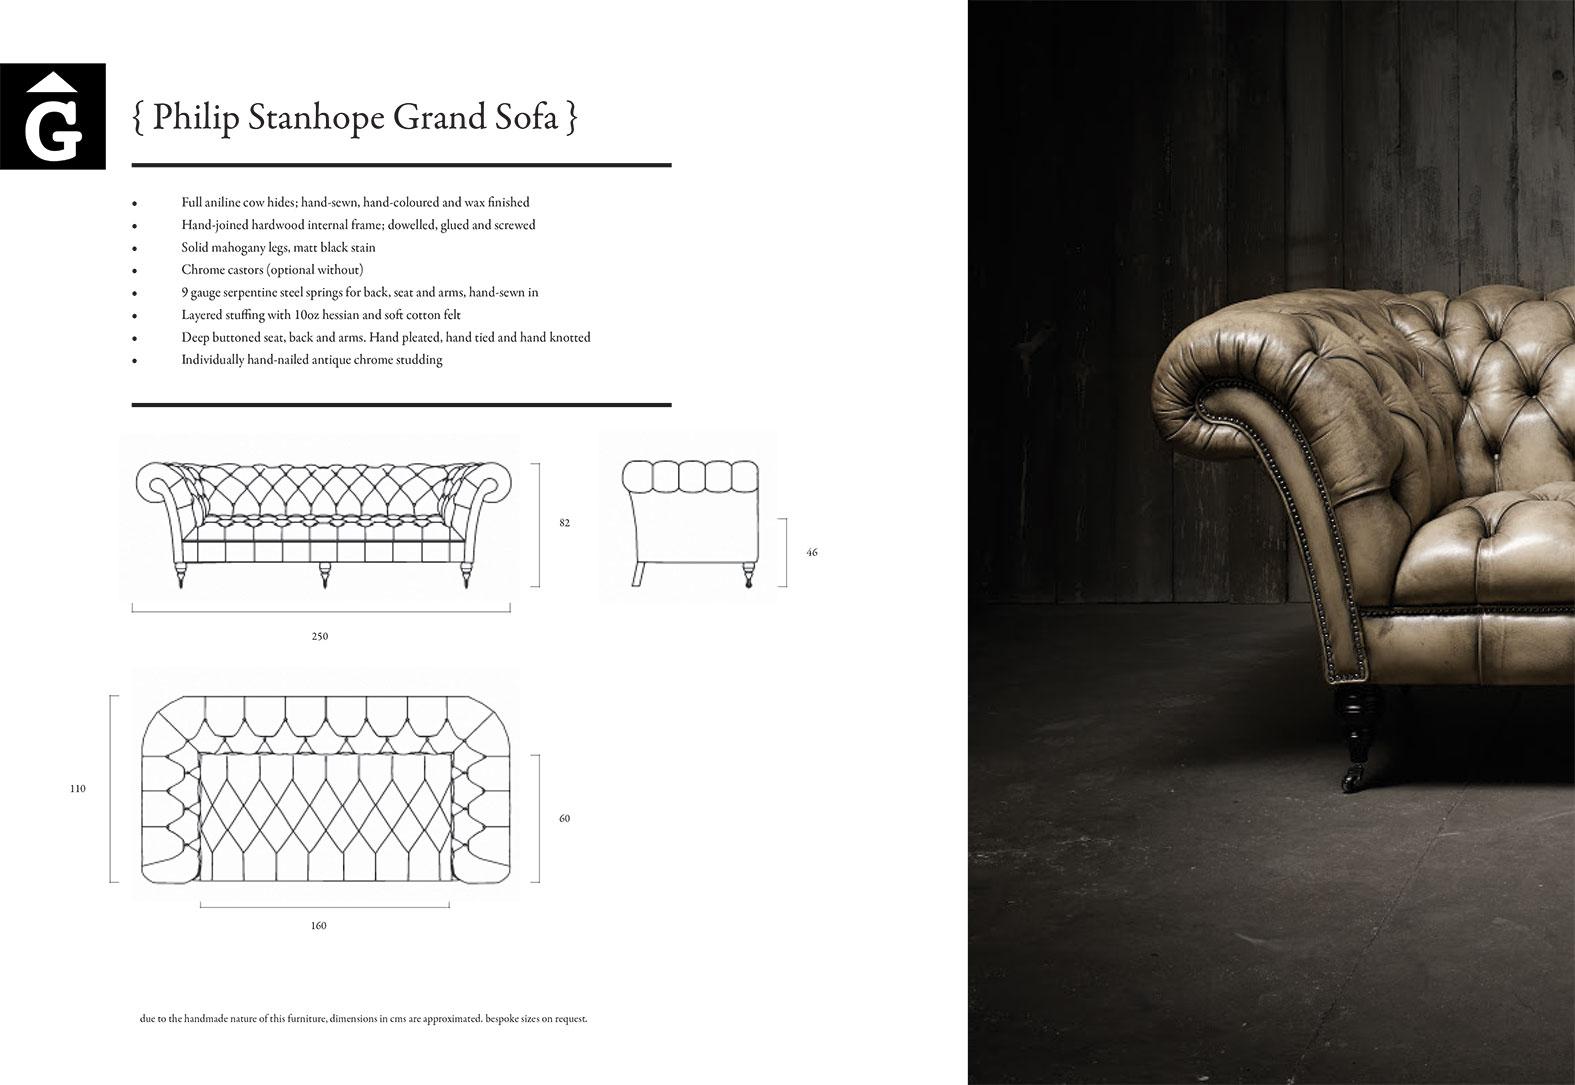 Fleming-&-Howland-tapisseria-&-mobles-Gifreu-colecció-Book-Girona-Barcelona-Capitone-Sofà-silló-Chaiselongue-Butaca-Cadira-69-2